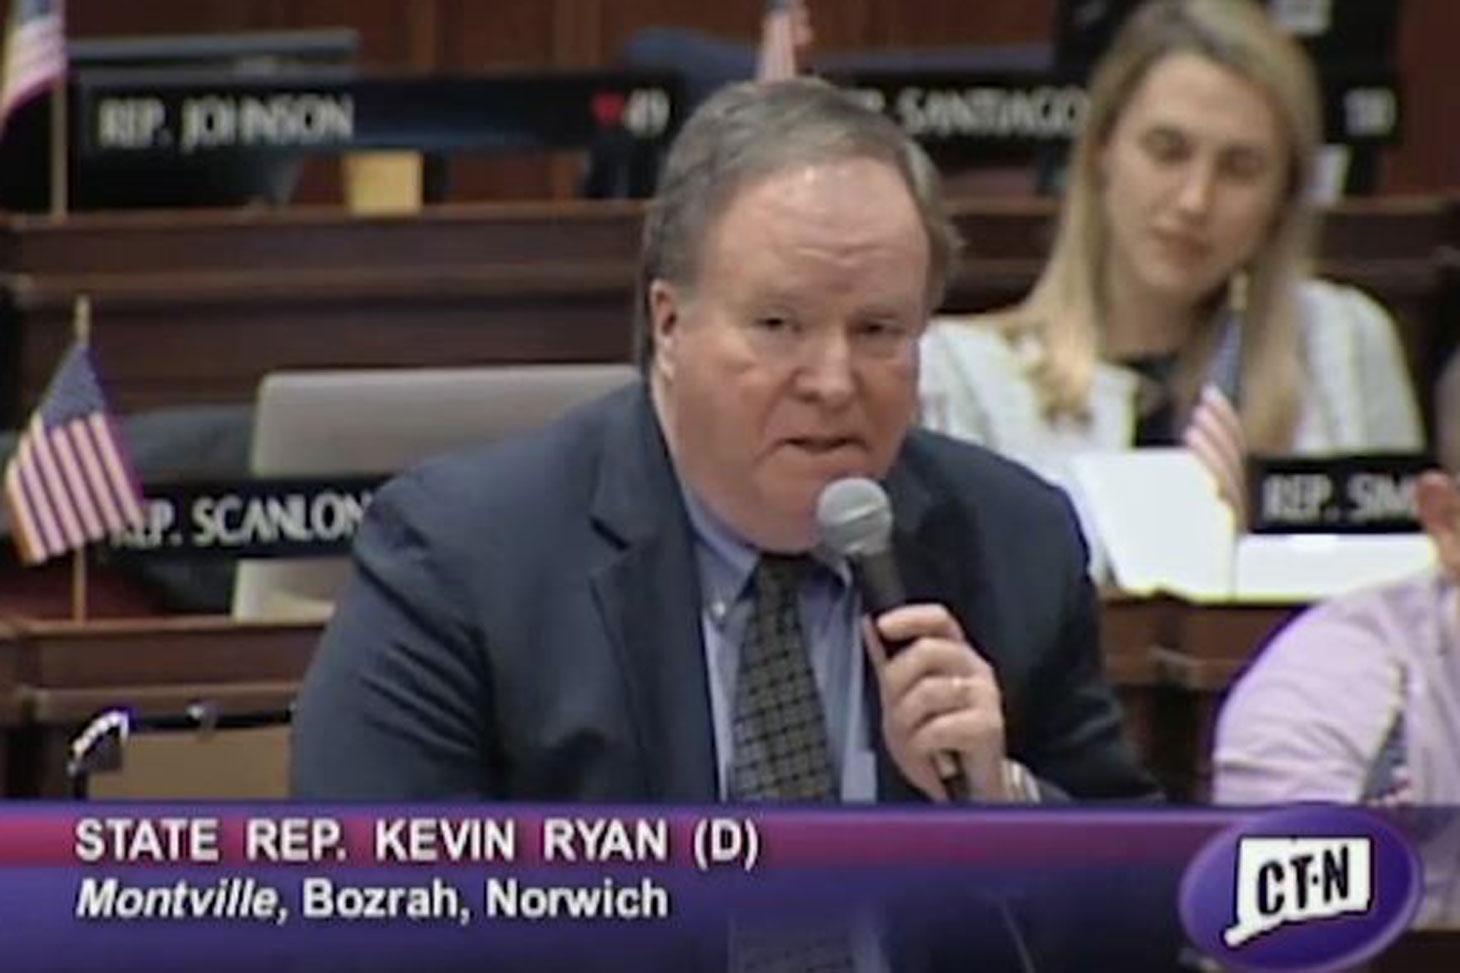 Rep. Ryan Speaks on HB 5450